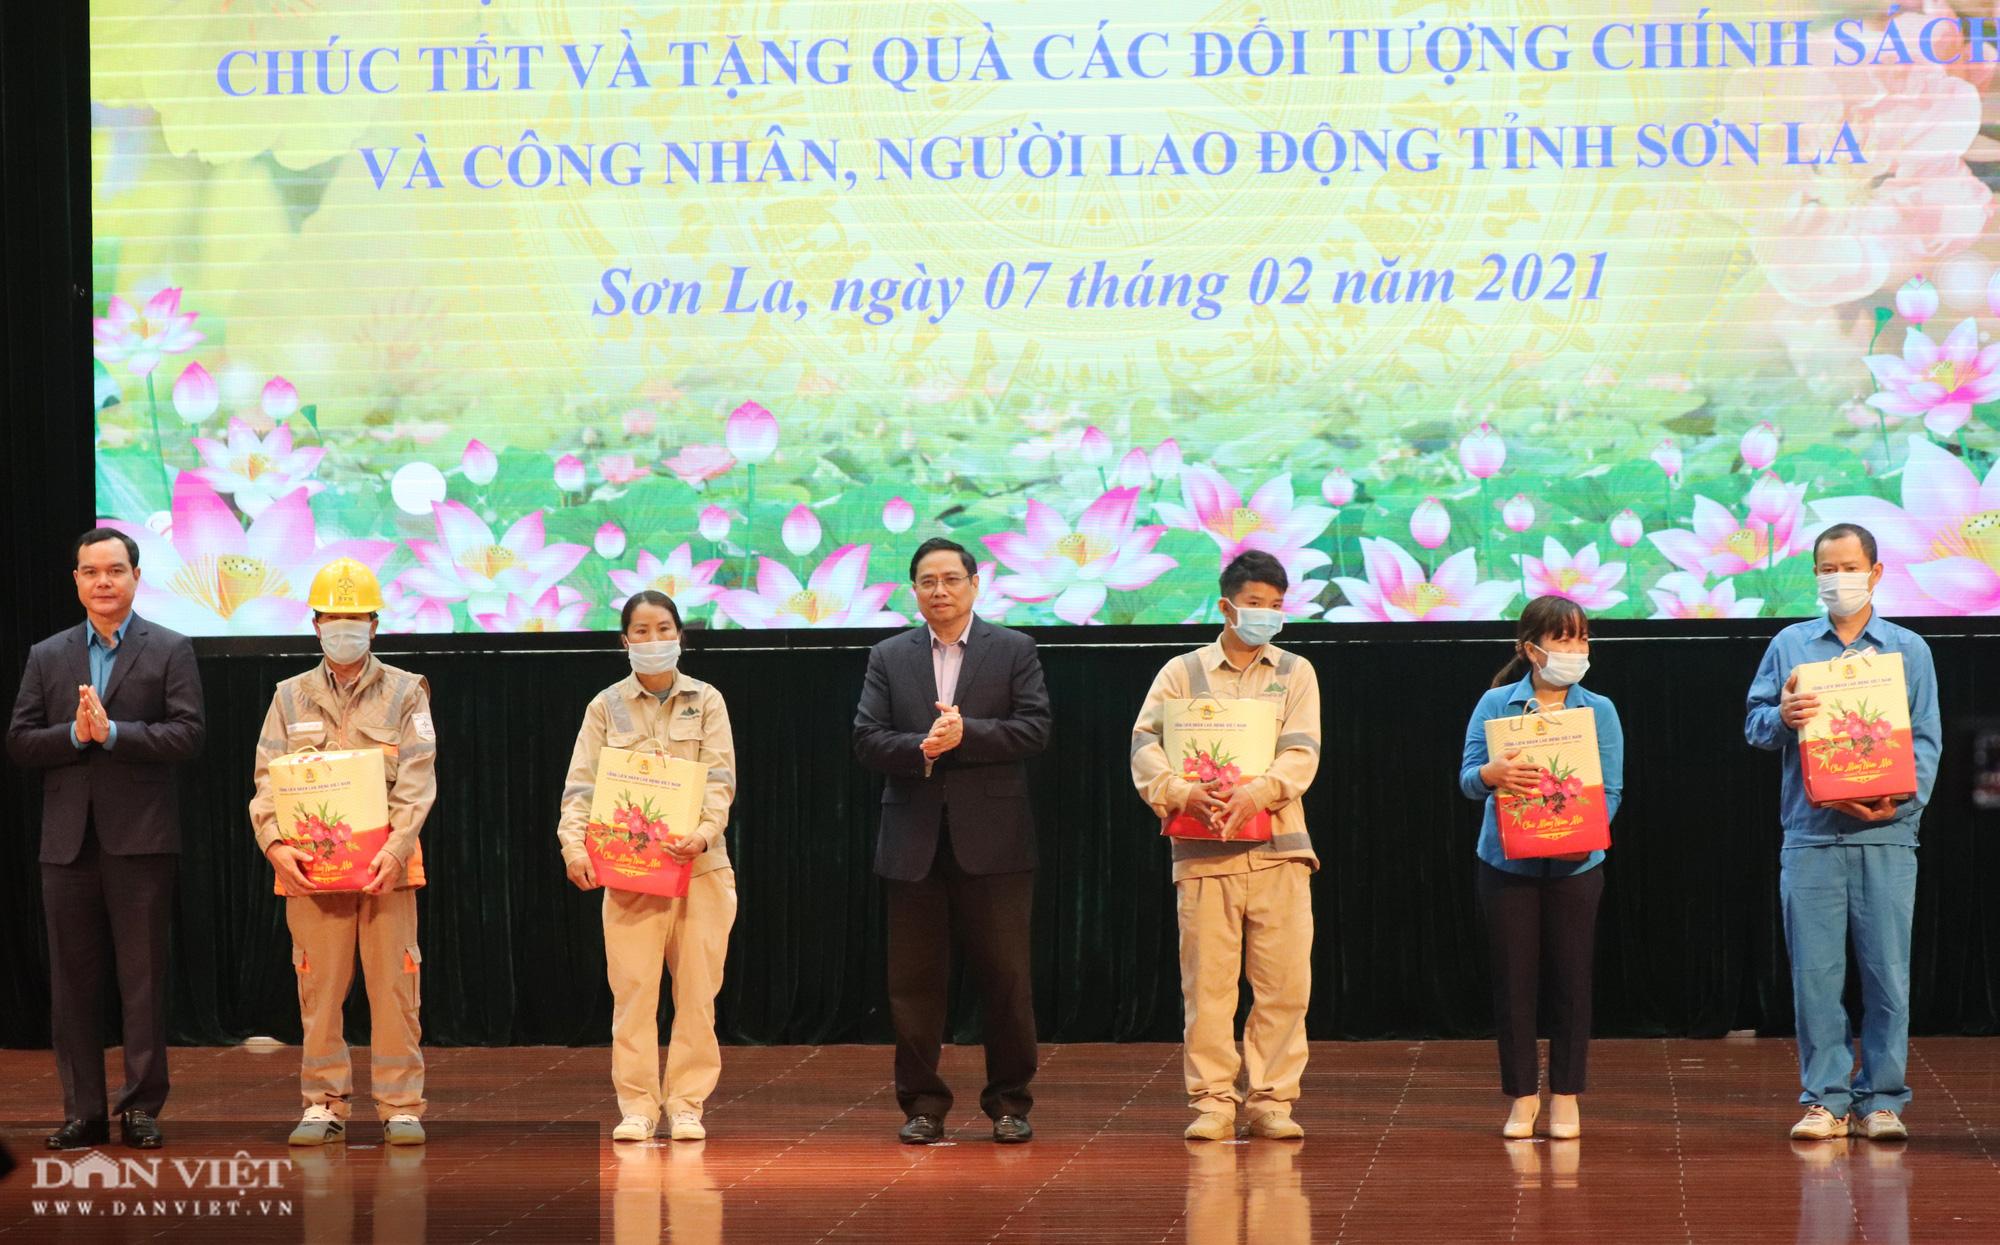 Trưởng ban Tổ chức Trung ương Phạm Minh Chính: Sơn La biết biến không thành có... - Ảnh 4.